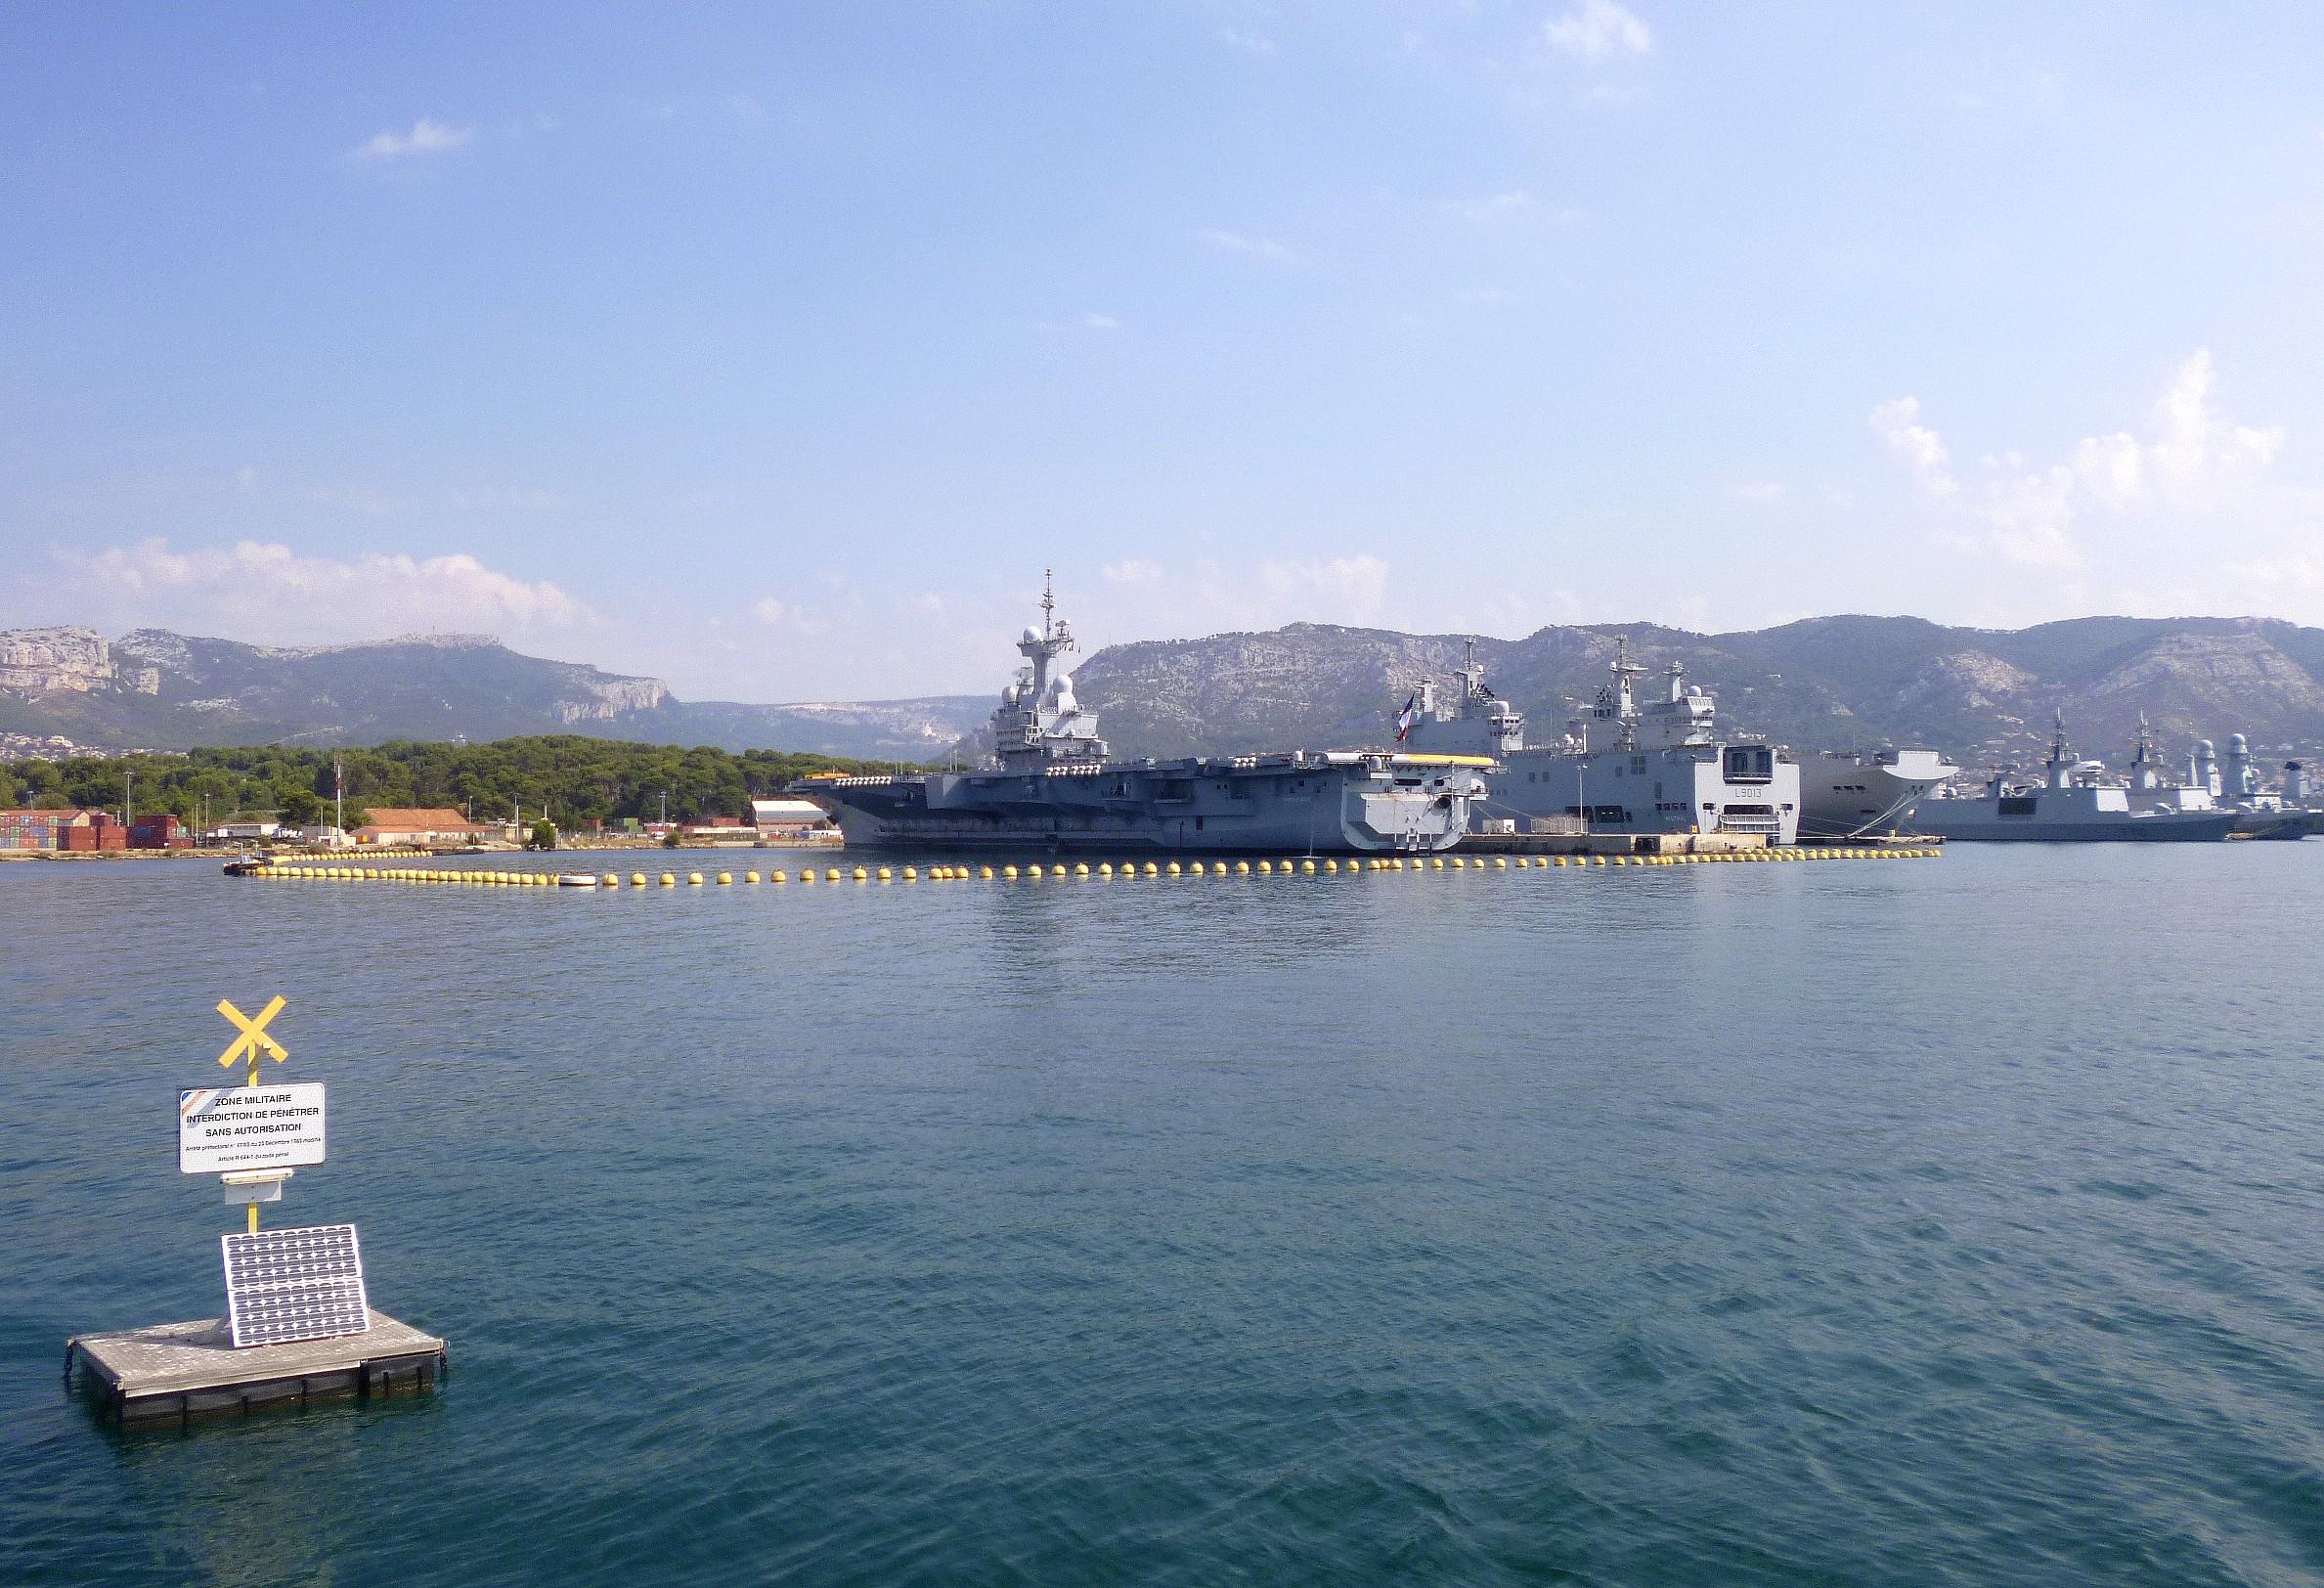 Les news en images du port de TOULON - Page 37 9562226181_642660a3ef_o